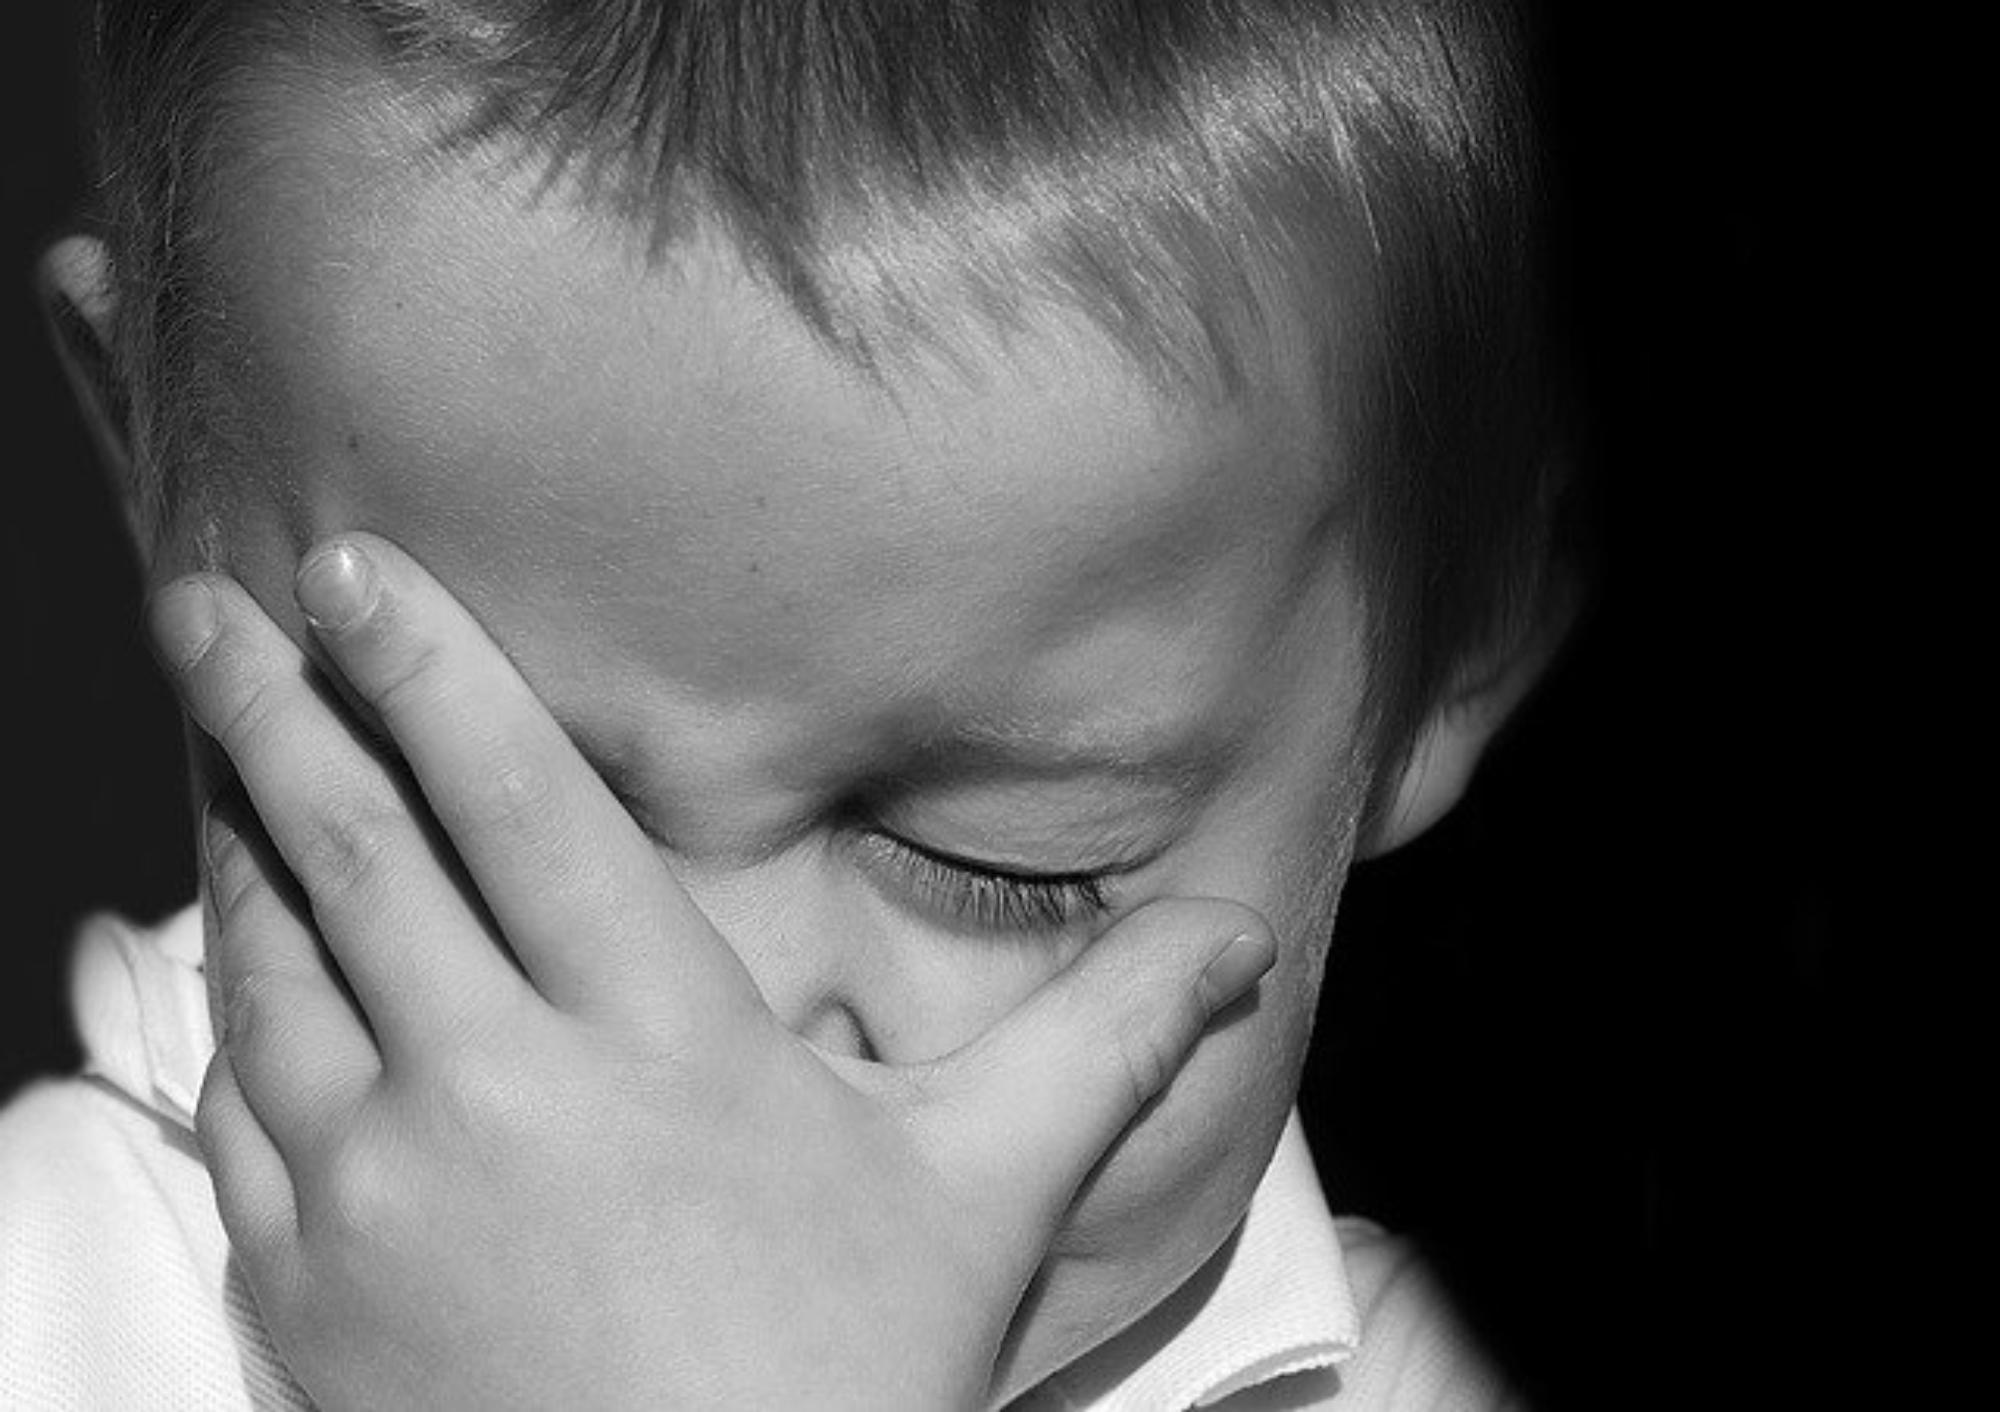 jak reagować na przemoc wobec dzieci